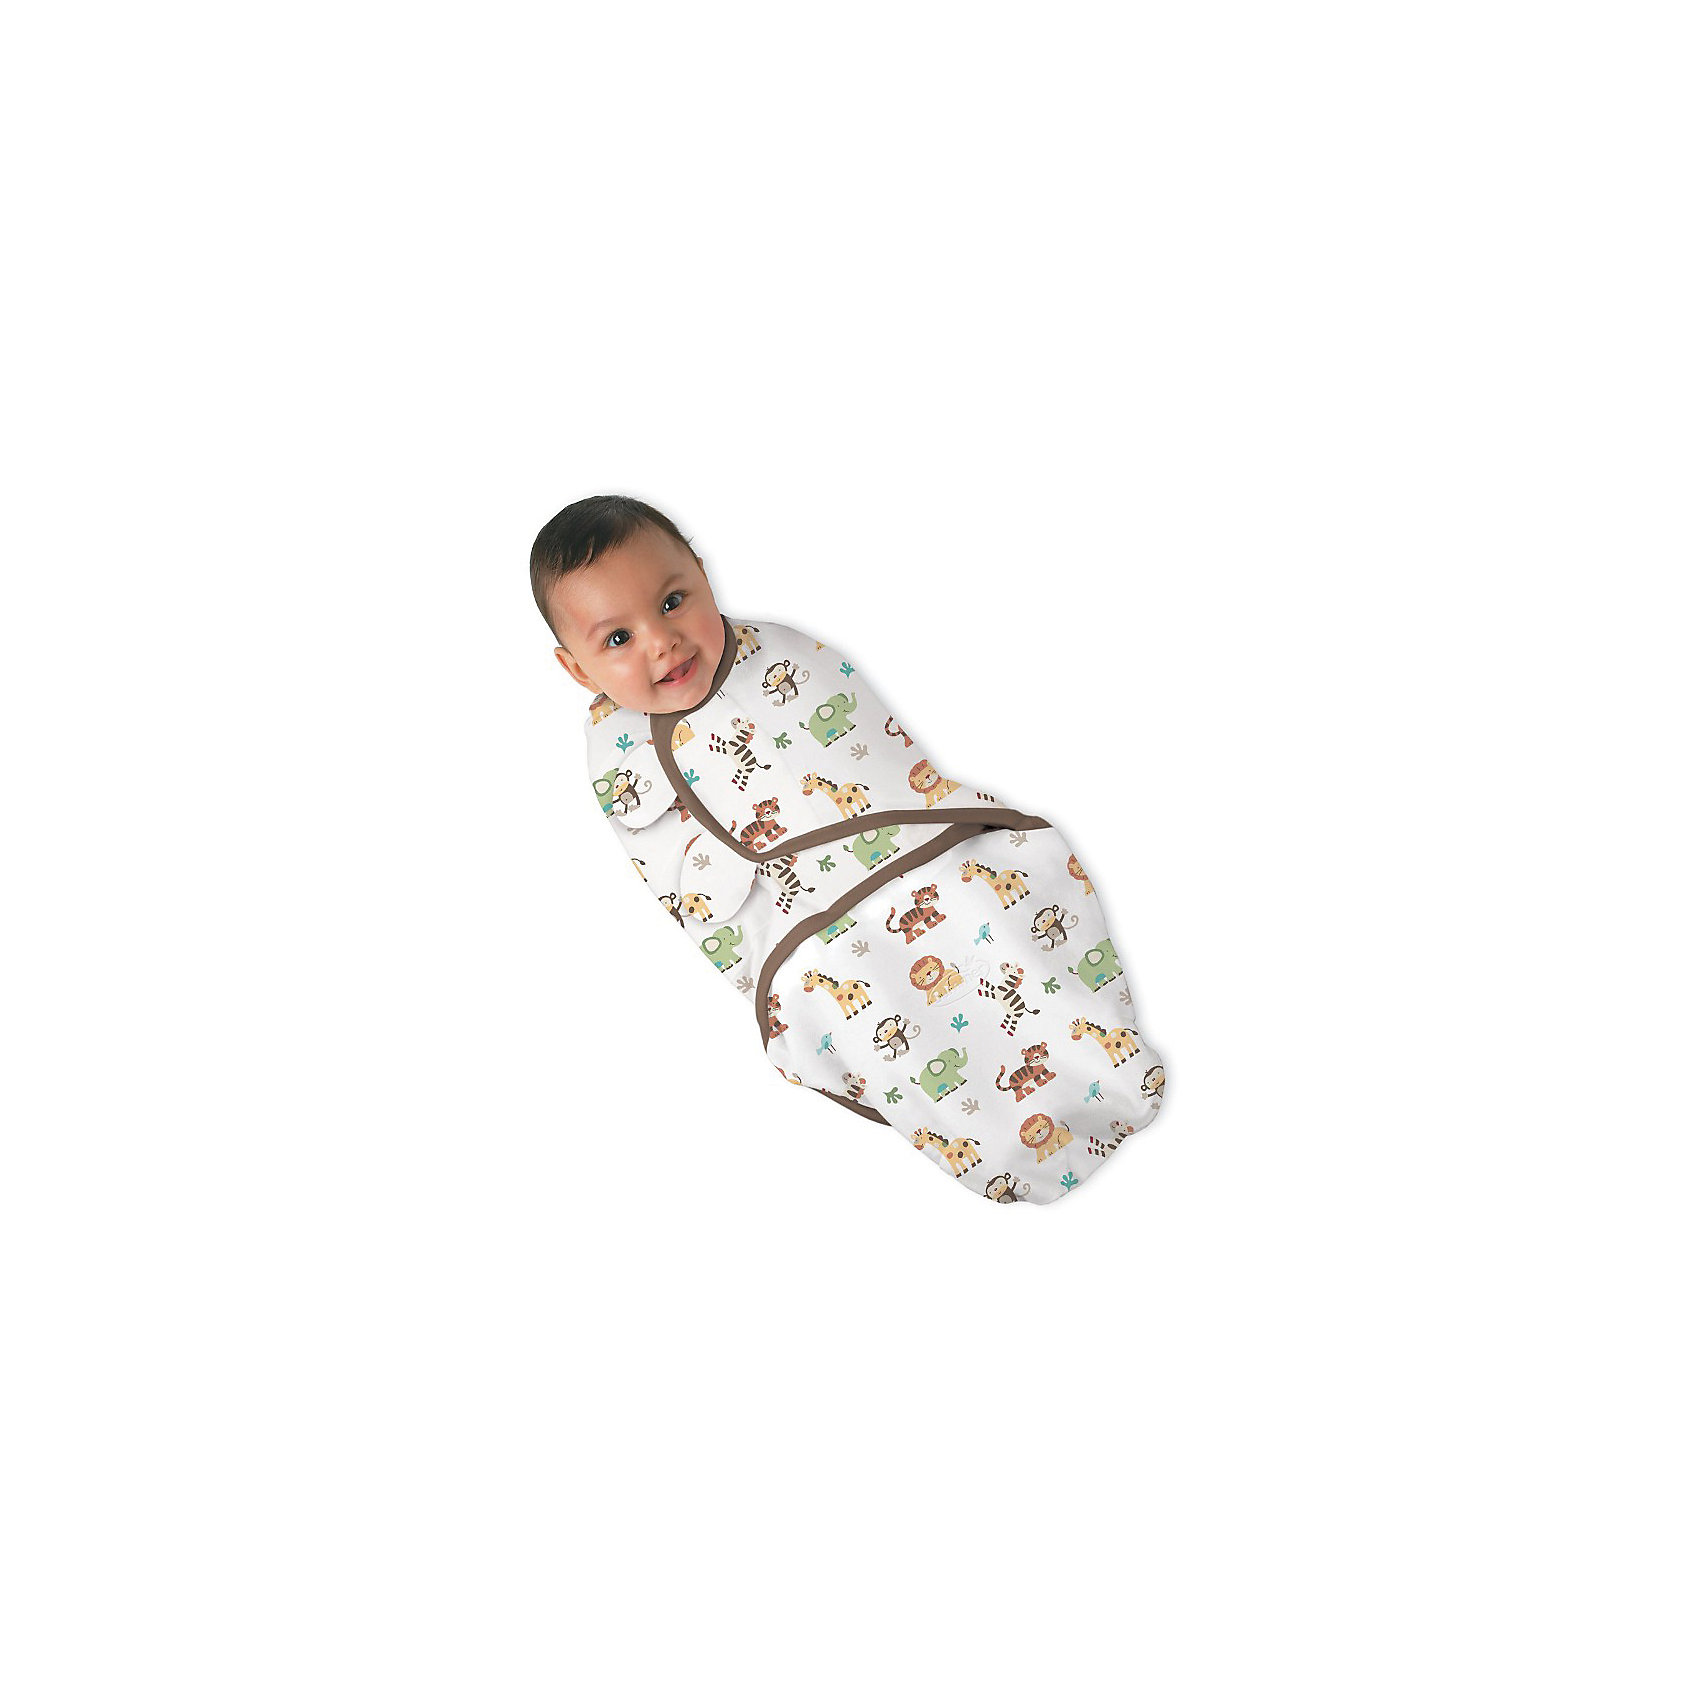 Конверт на липучке SwaddleMe, размер L, Summer Infant, джунглиКонверт на липучке SwaddleMe, размер L, Summer Infant (Саммер Инфант), джунгли.<br><br>Характеристики:<br><br>• мягкий конверт<br>• обеспечивает спокойный сон ребенка<br>• регулируемые крылья не позволят ребенку распеленаться<br>• регулируется по мере роста ребенка<br>• можно открыть только нижнюю часть для смены подгузника<br>• подходит для колясок и автокресел<br>• размер: L<br>• состав: хлопок, эластан<br>• длина конверта: 60 см<br>• для детей от 6 до 10 кг<br>• расцветка: джунгли<br><br>Конверт на липучке SwaddleMe, Summer Infant подарит крохе комфортный и здоровый сон. Мягкий хлопок нежно укутает младенца и оградит от пробуждения при вздрагиваниях во сне. Крылья конверта регулируются в зависимости от роста ребенка, что сведет к минимуму возможность распеленаться самостоятельно. Для смены подгузника не обязательно раскрывать конверт полностью, достаточно открыть нижнюю часть.<br><br>Конверт на липучке SwaddleMe, размер L, Summer Infant (Саммер Инфант), джунгли вы можете приобрести в нашем интернет-магазине.<br><br>Ширина мм: 30<br>Глубина мм: 200<br>Высота мм: 250<br>Вес г: 300<br>Возраст от месяцев: 3<br>Возраст до месяцев: 6<br>Пол: Унисекс<br>Возраст: Детский<br>SKU: 5089930